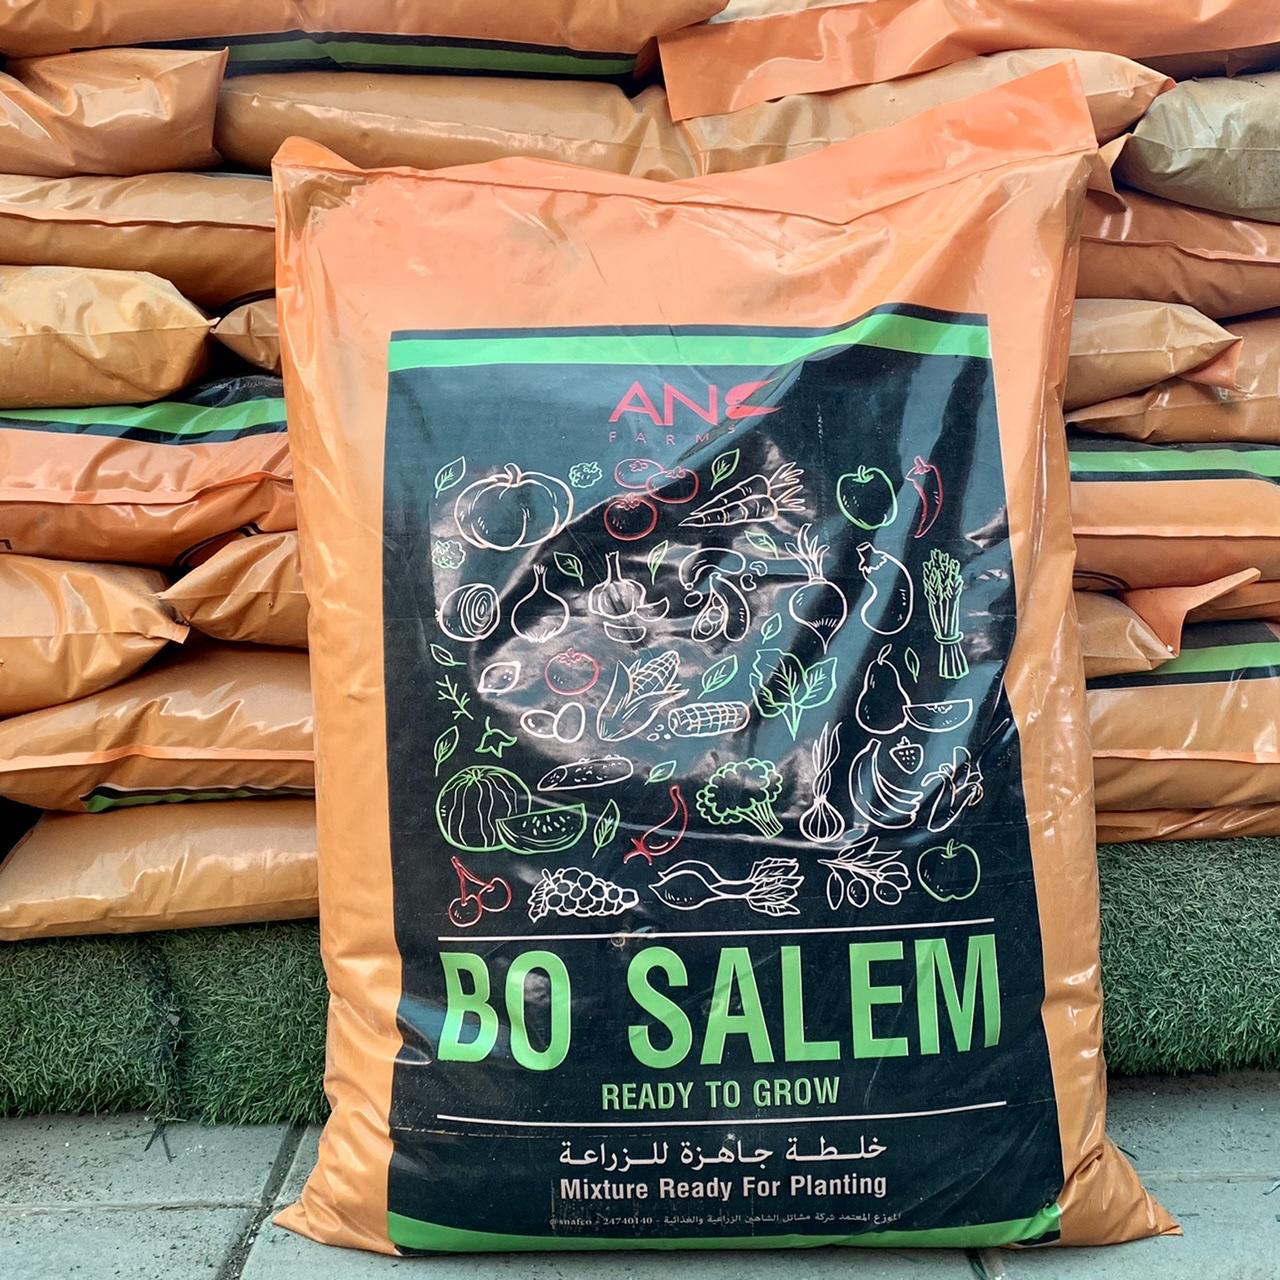 Bo salem - ready for planting mixture  Soil Fertilizer Pesticide